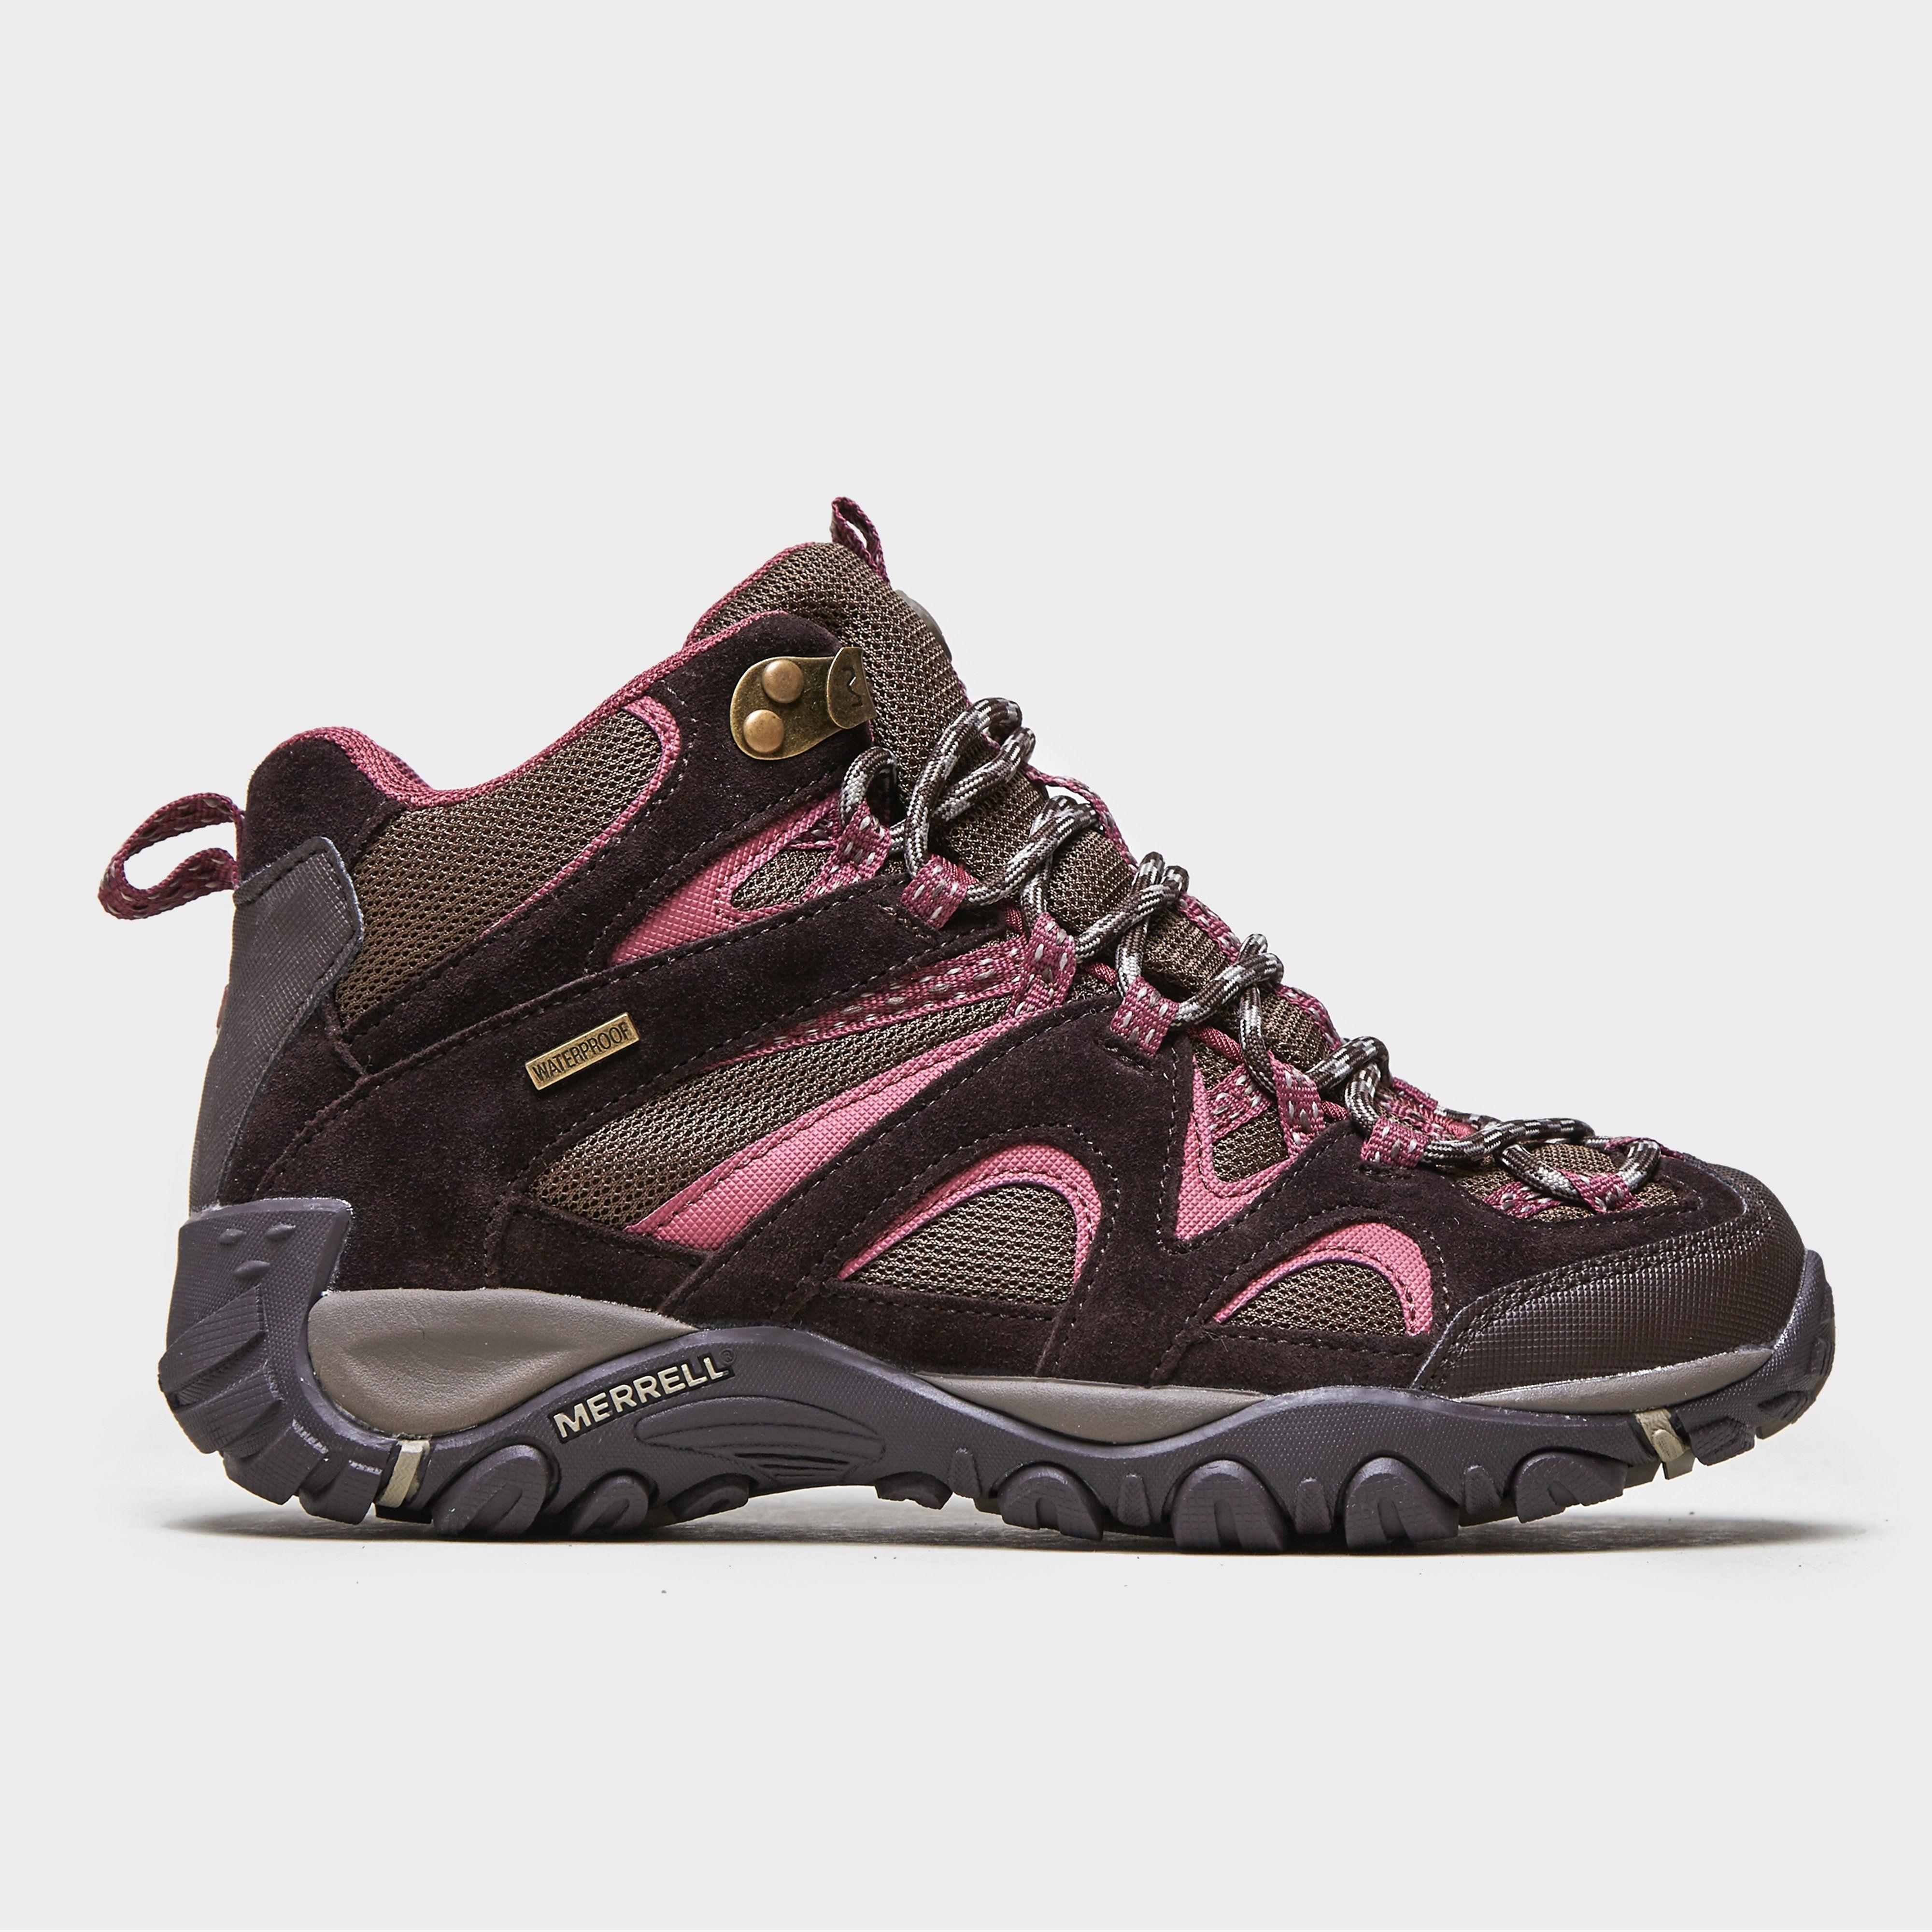 MERRELL Women's Energis Mid Walking Boot